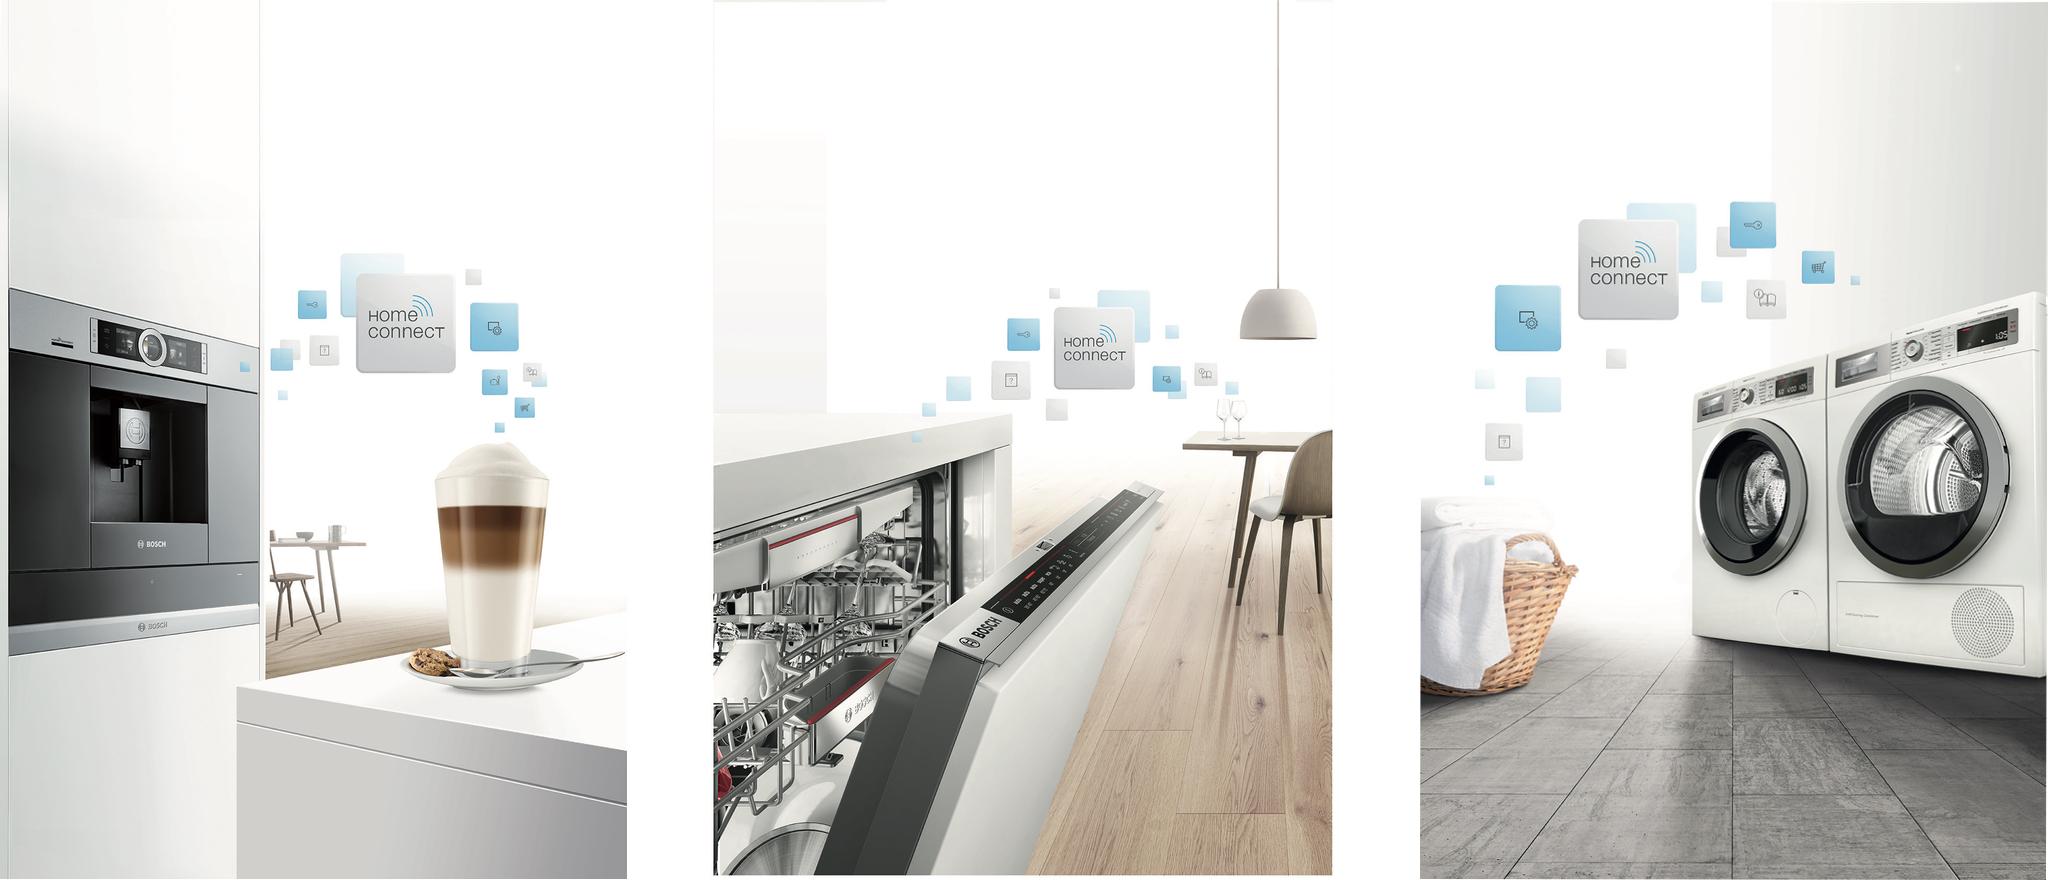 home connect - die zukunft der hausgerätevernetzung im smart home